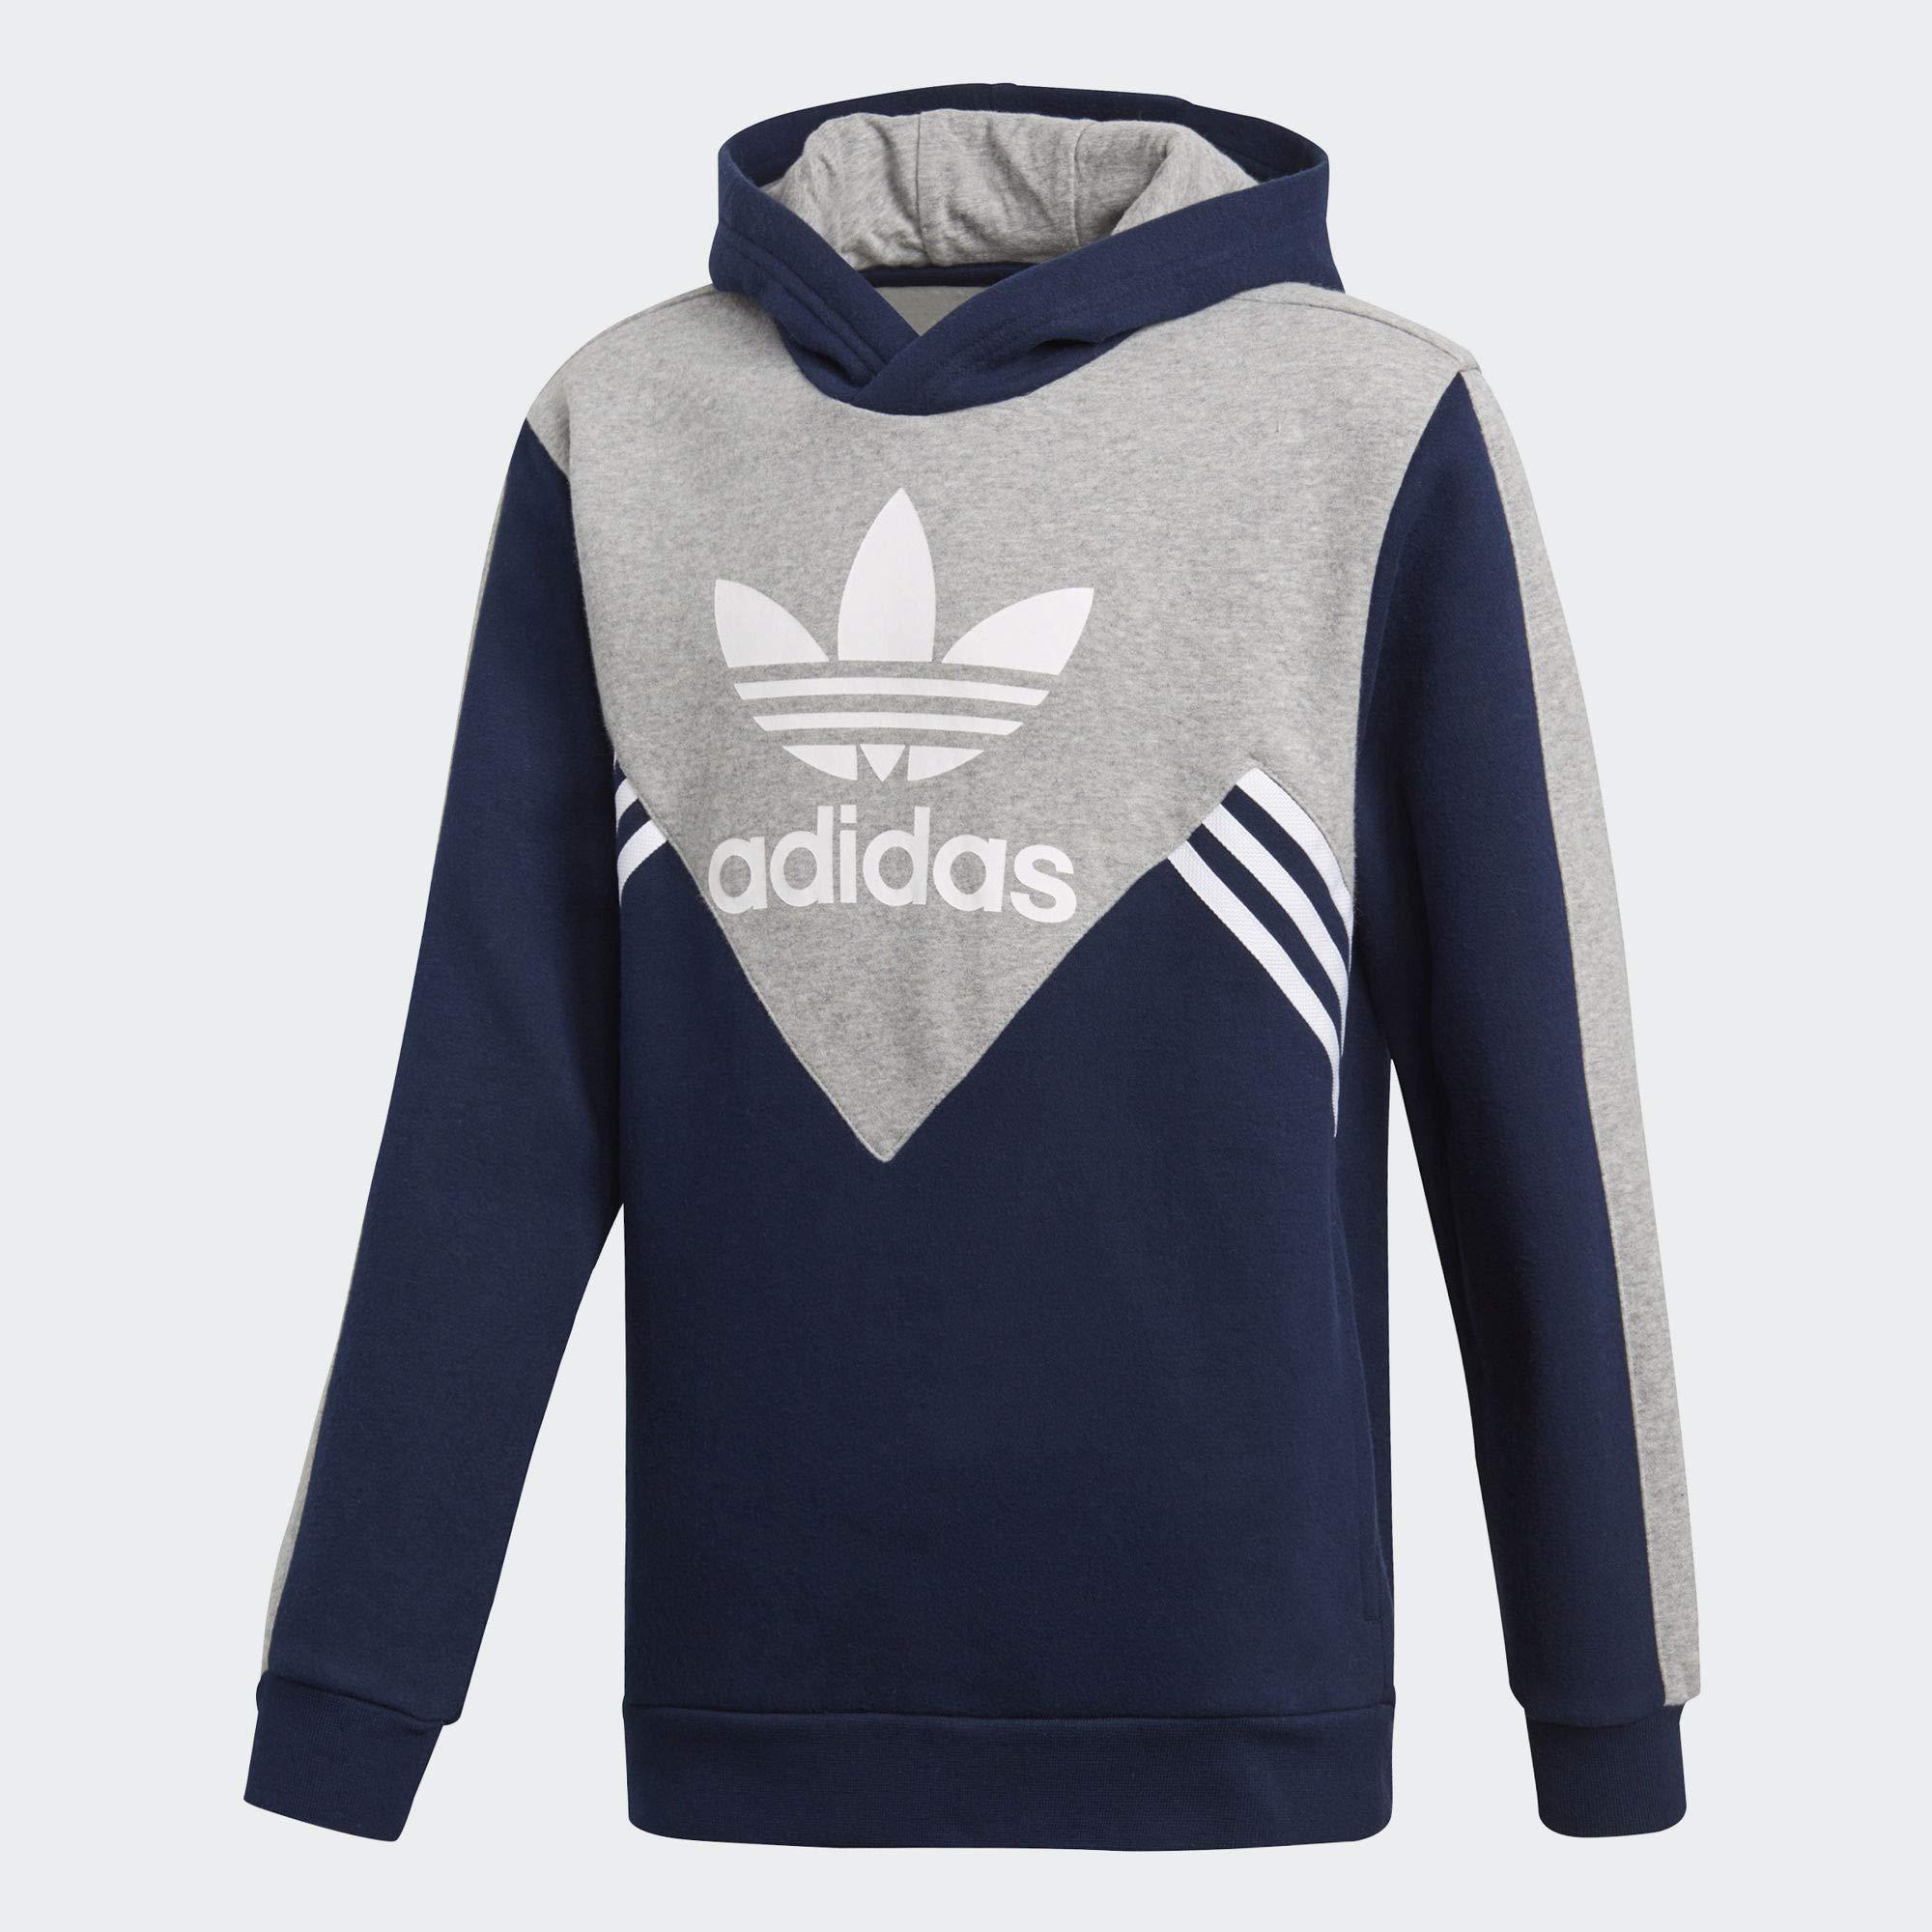 sale retailer efa90 e1523 Galleon - Adidas Originals Kids Boy s Zigzag Trefoil Hoodie (Little  Kids Big Kids) Collegiate Navy Medium Grey Heather White Small